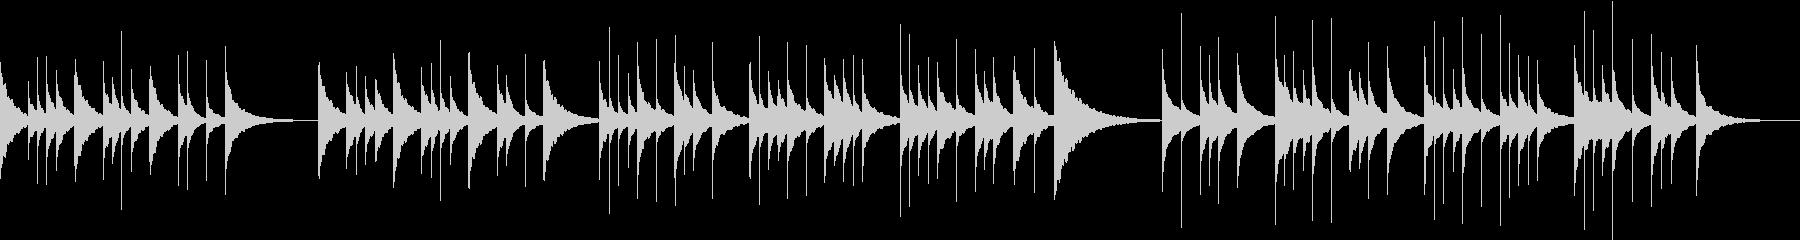 切ない優しいビブラフォンのソロ【鉄琴】の未再生の波形